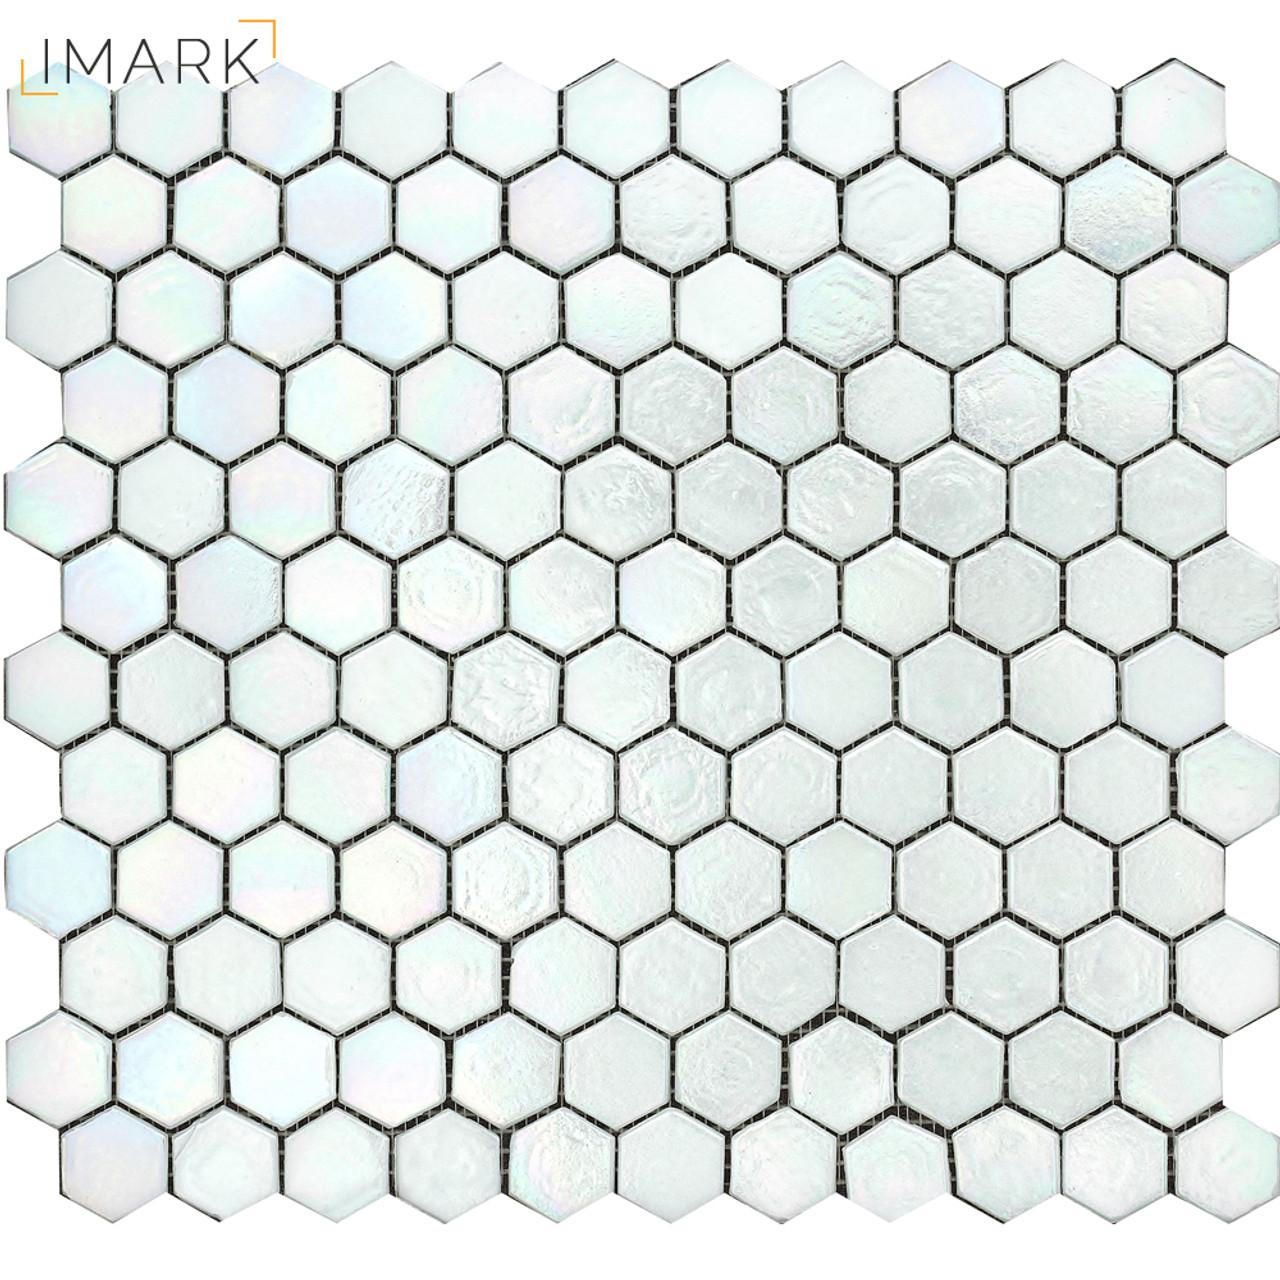 Image of: Imark Honeycomb Glossy White Glass Mosaic Tile For Kitchen Backsplash Tile Foshan Imark Building Materials Co Ltd